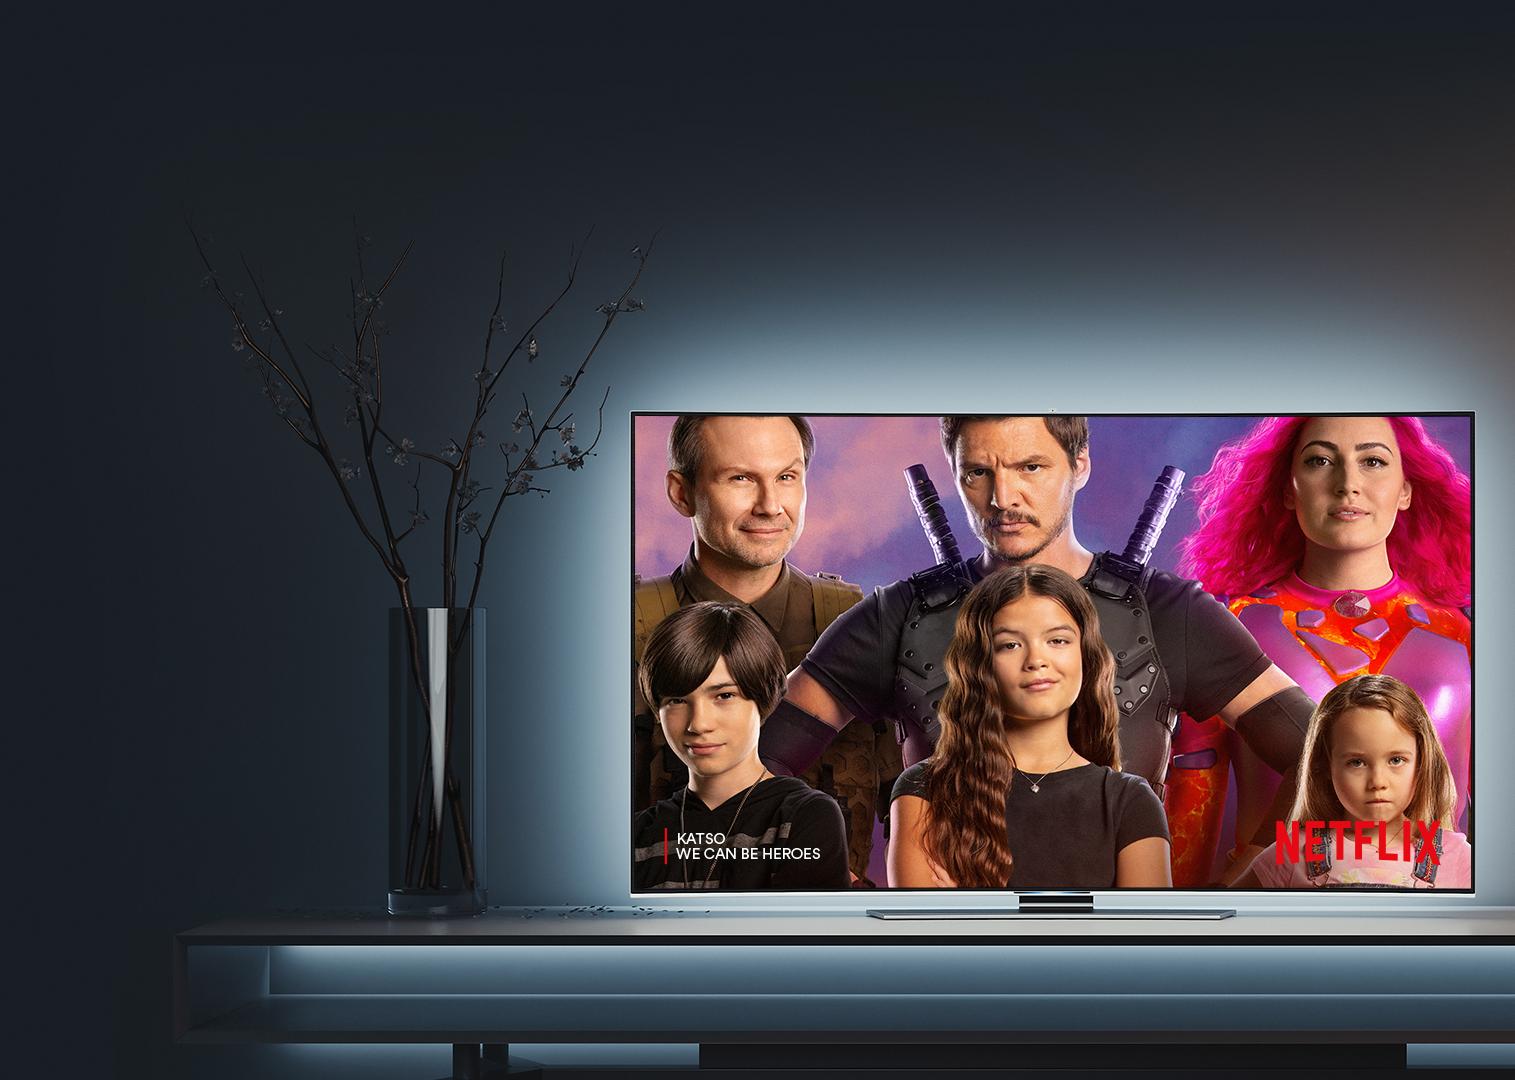 Katso suosikkiohjelmat Netflixistä